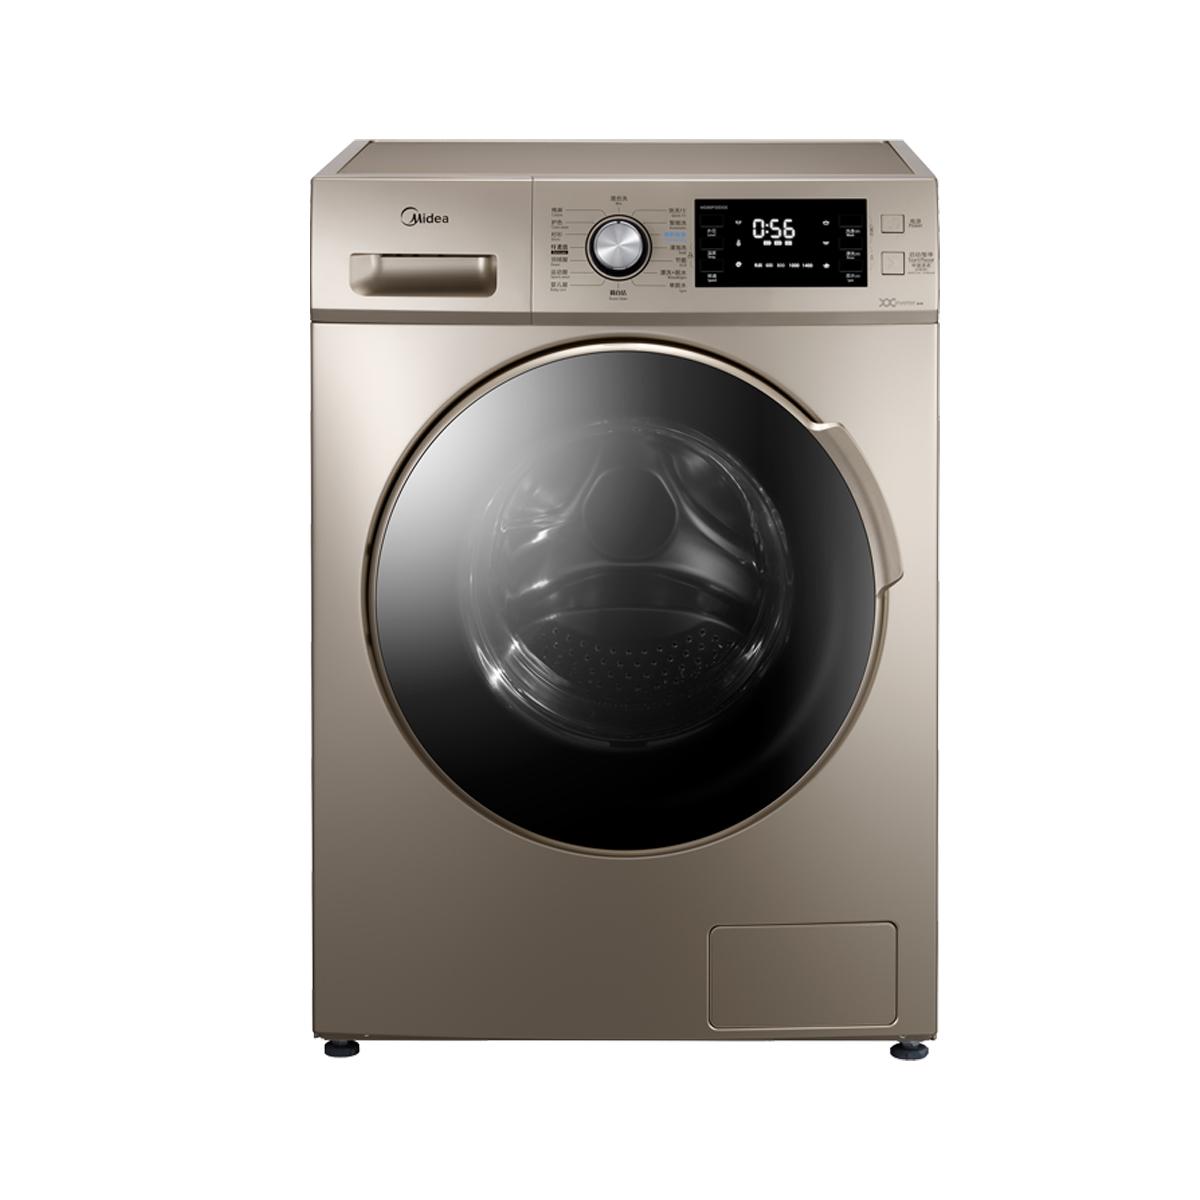 Midea/美的 MG90P33DG5洗衣机 说明书.pdf